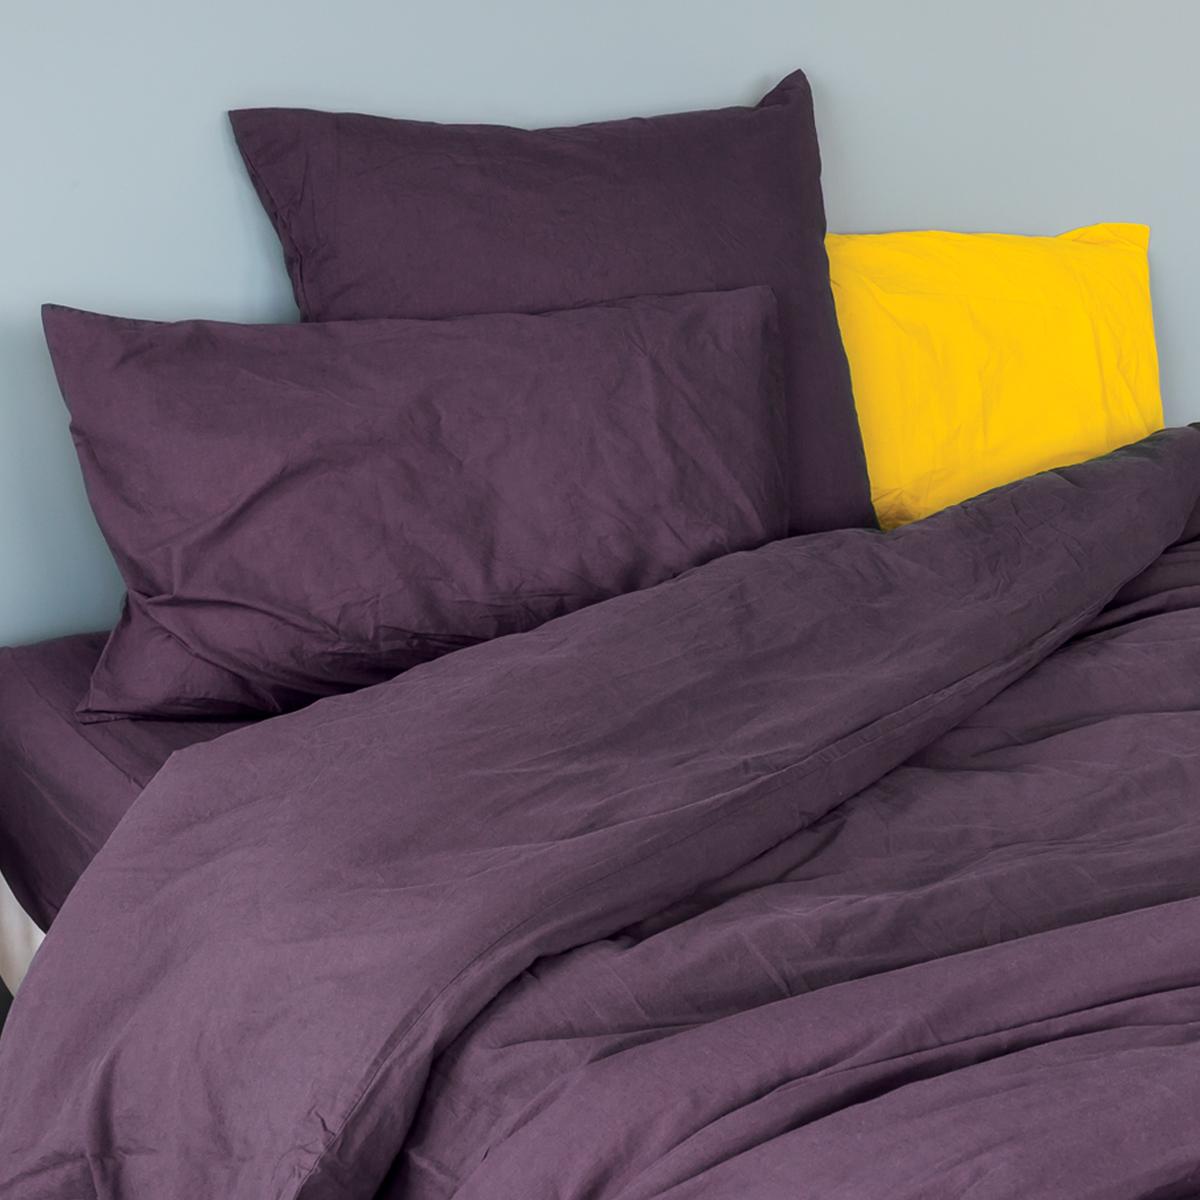 Taie d'oreiller en coton lavé coton figue 65x65